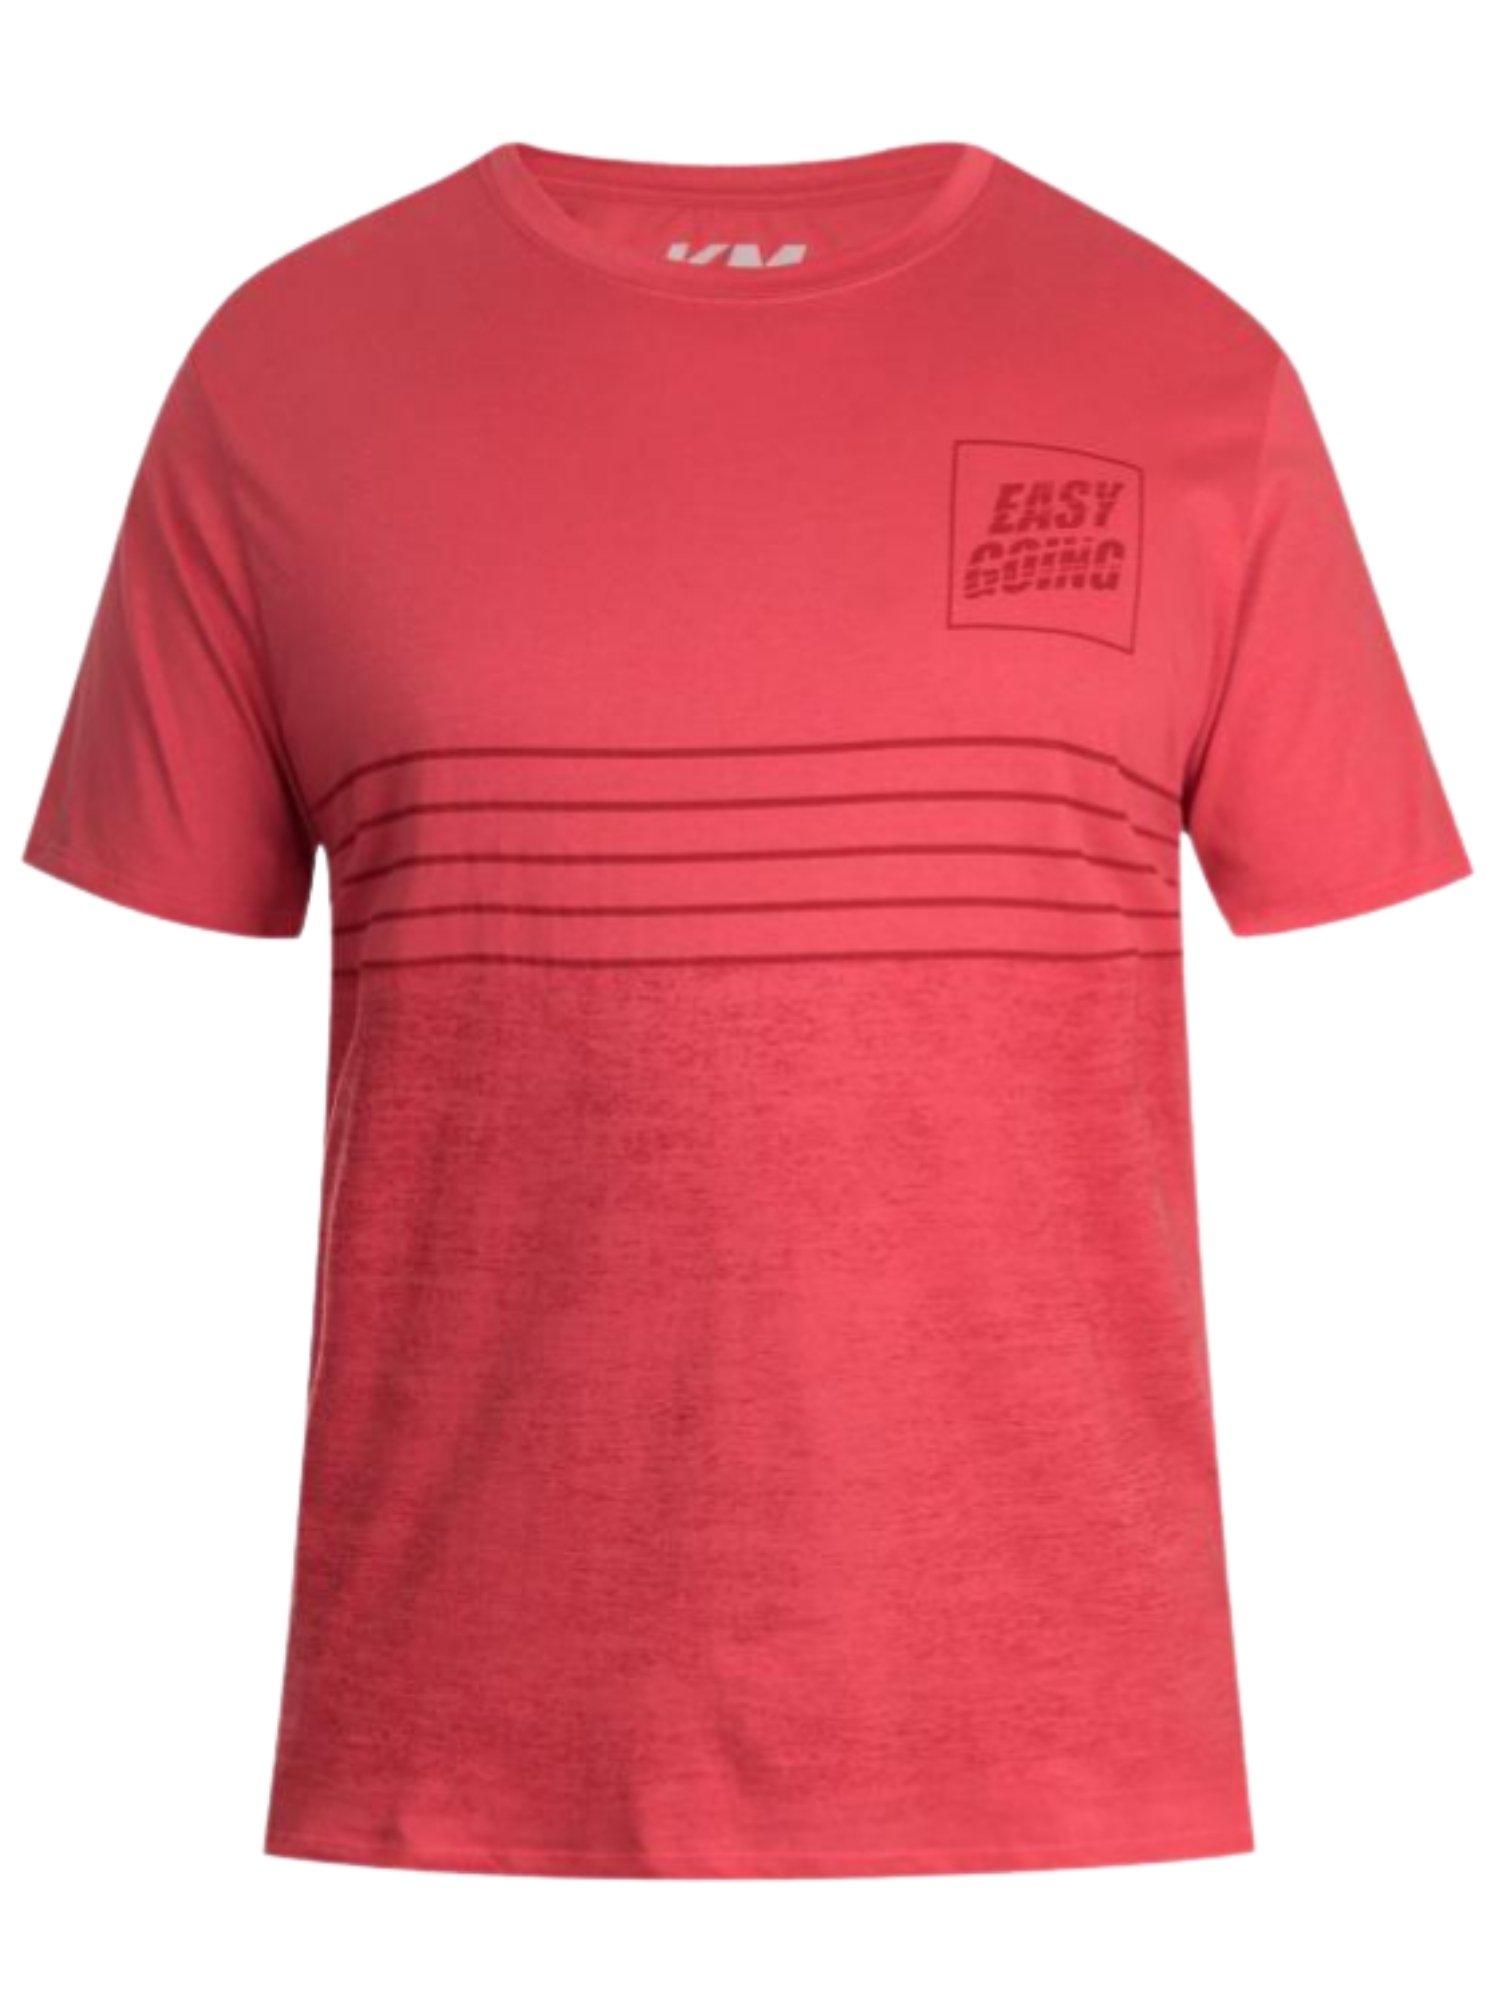 Camiseta Plus Size Estampada Kohmar  214182